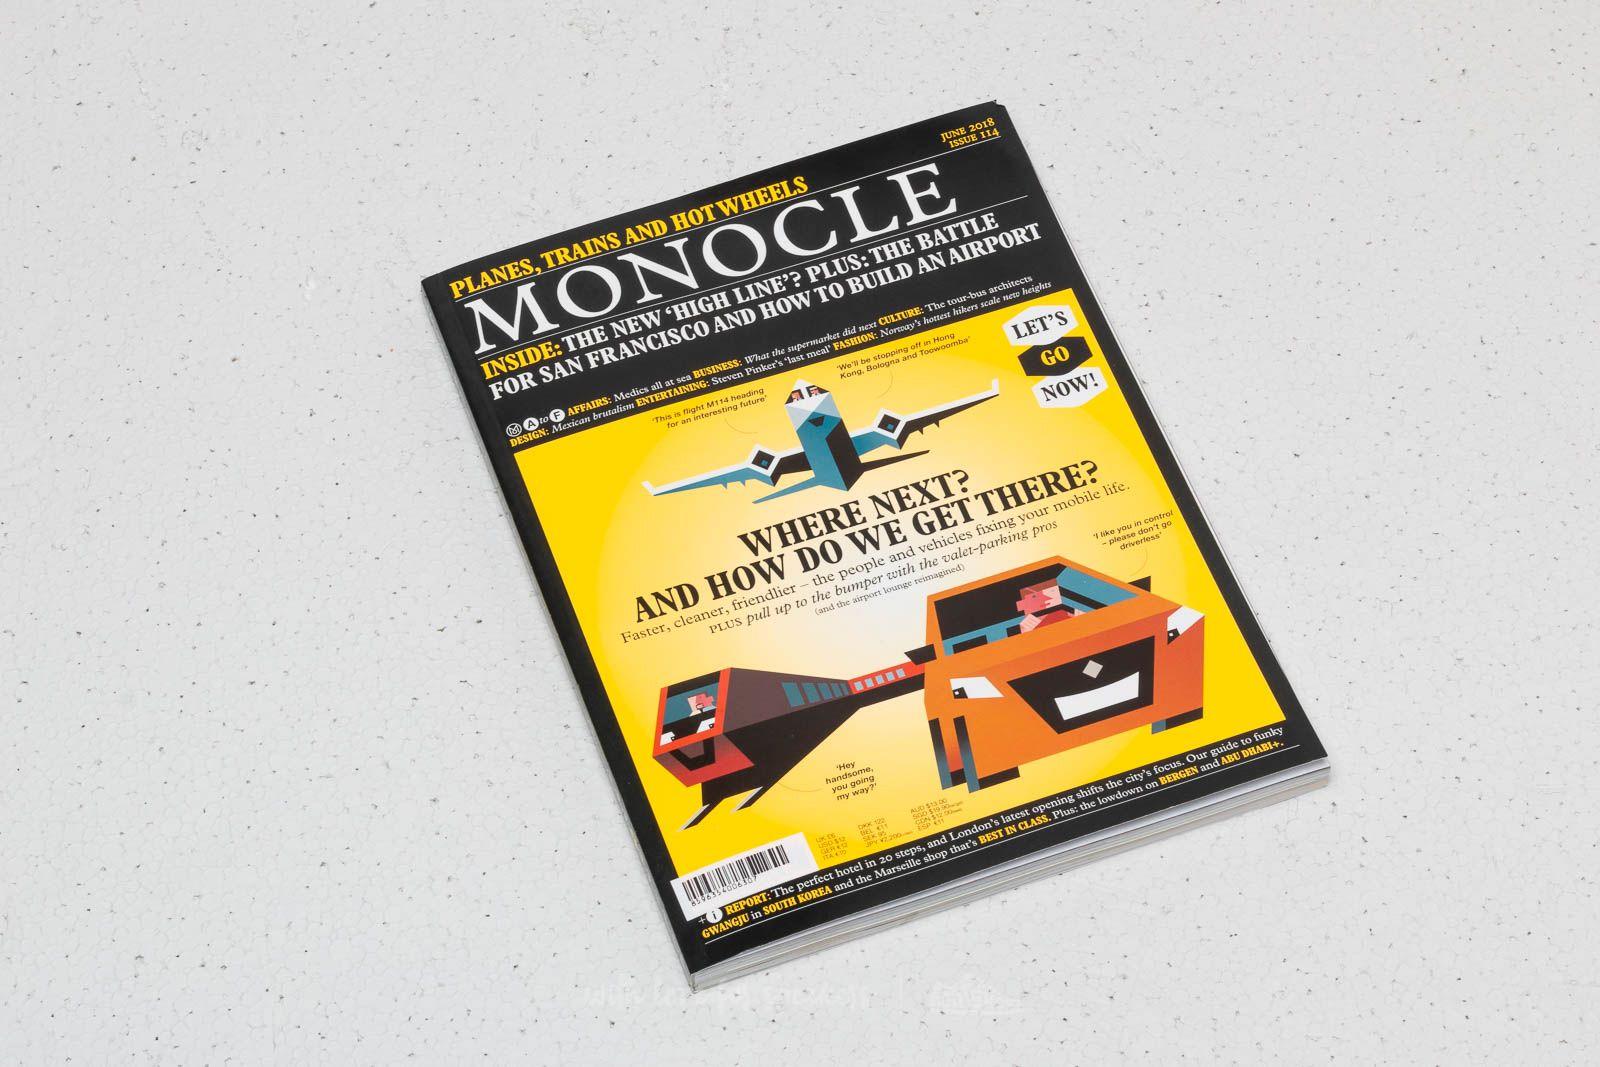 Monocle Magazine June 2018 za skvělou cenu 120 Kč koupíte na Footshop.cz